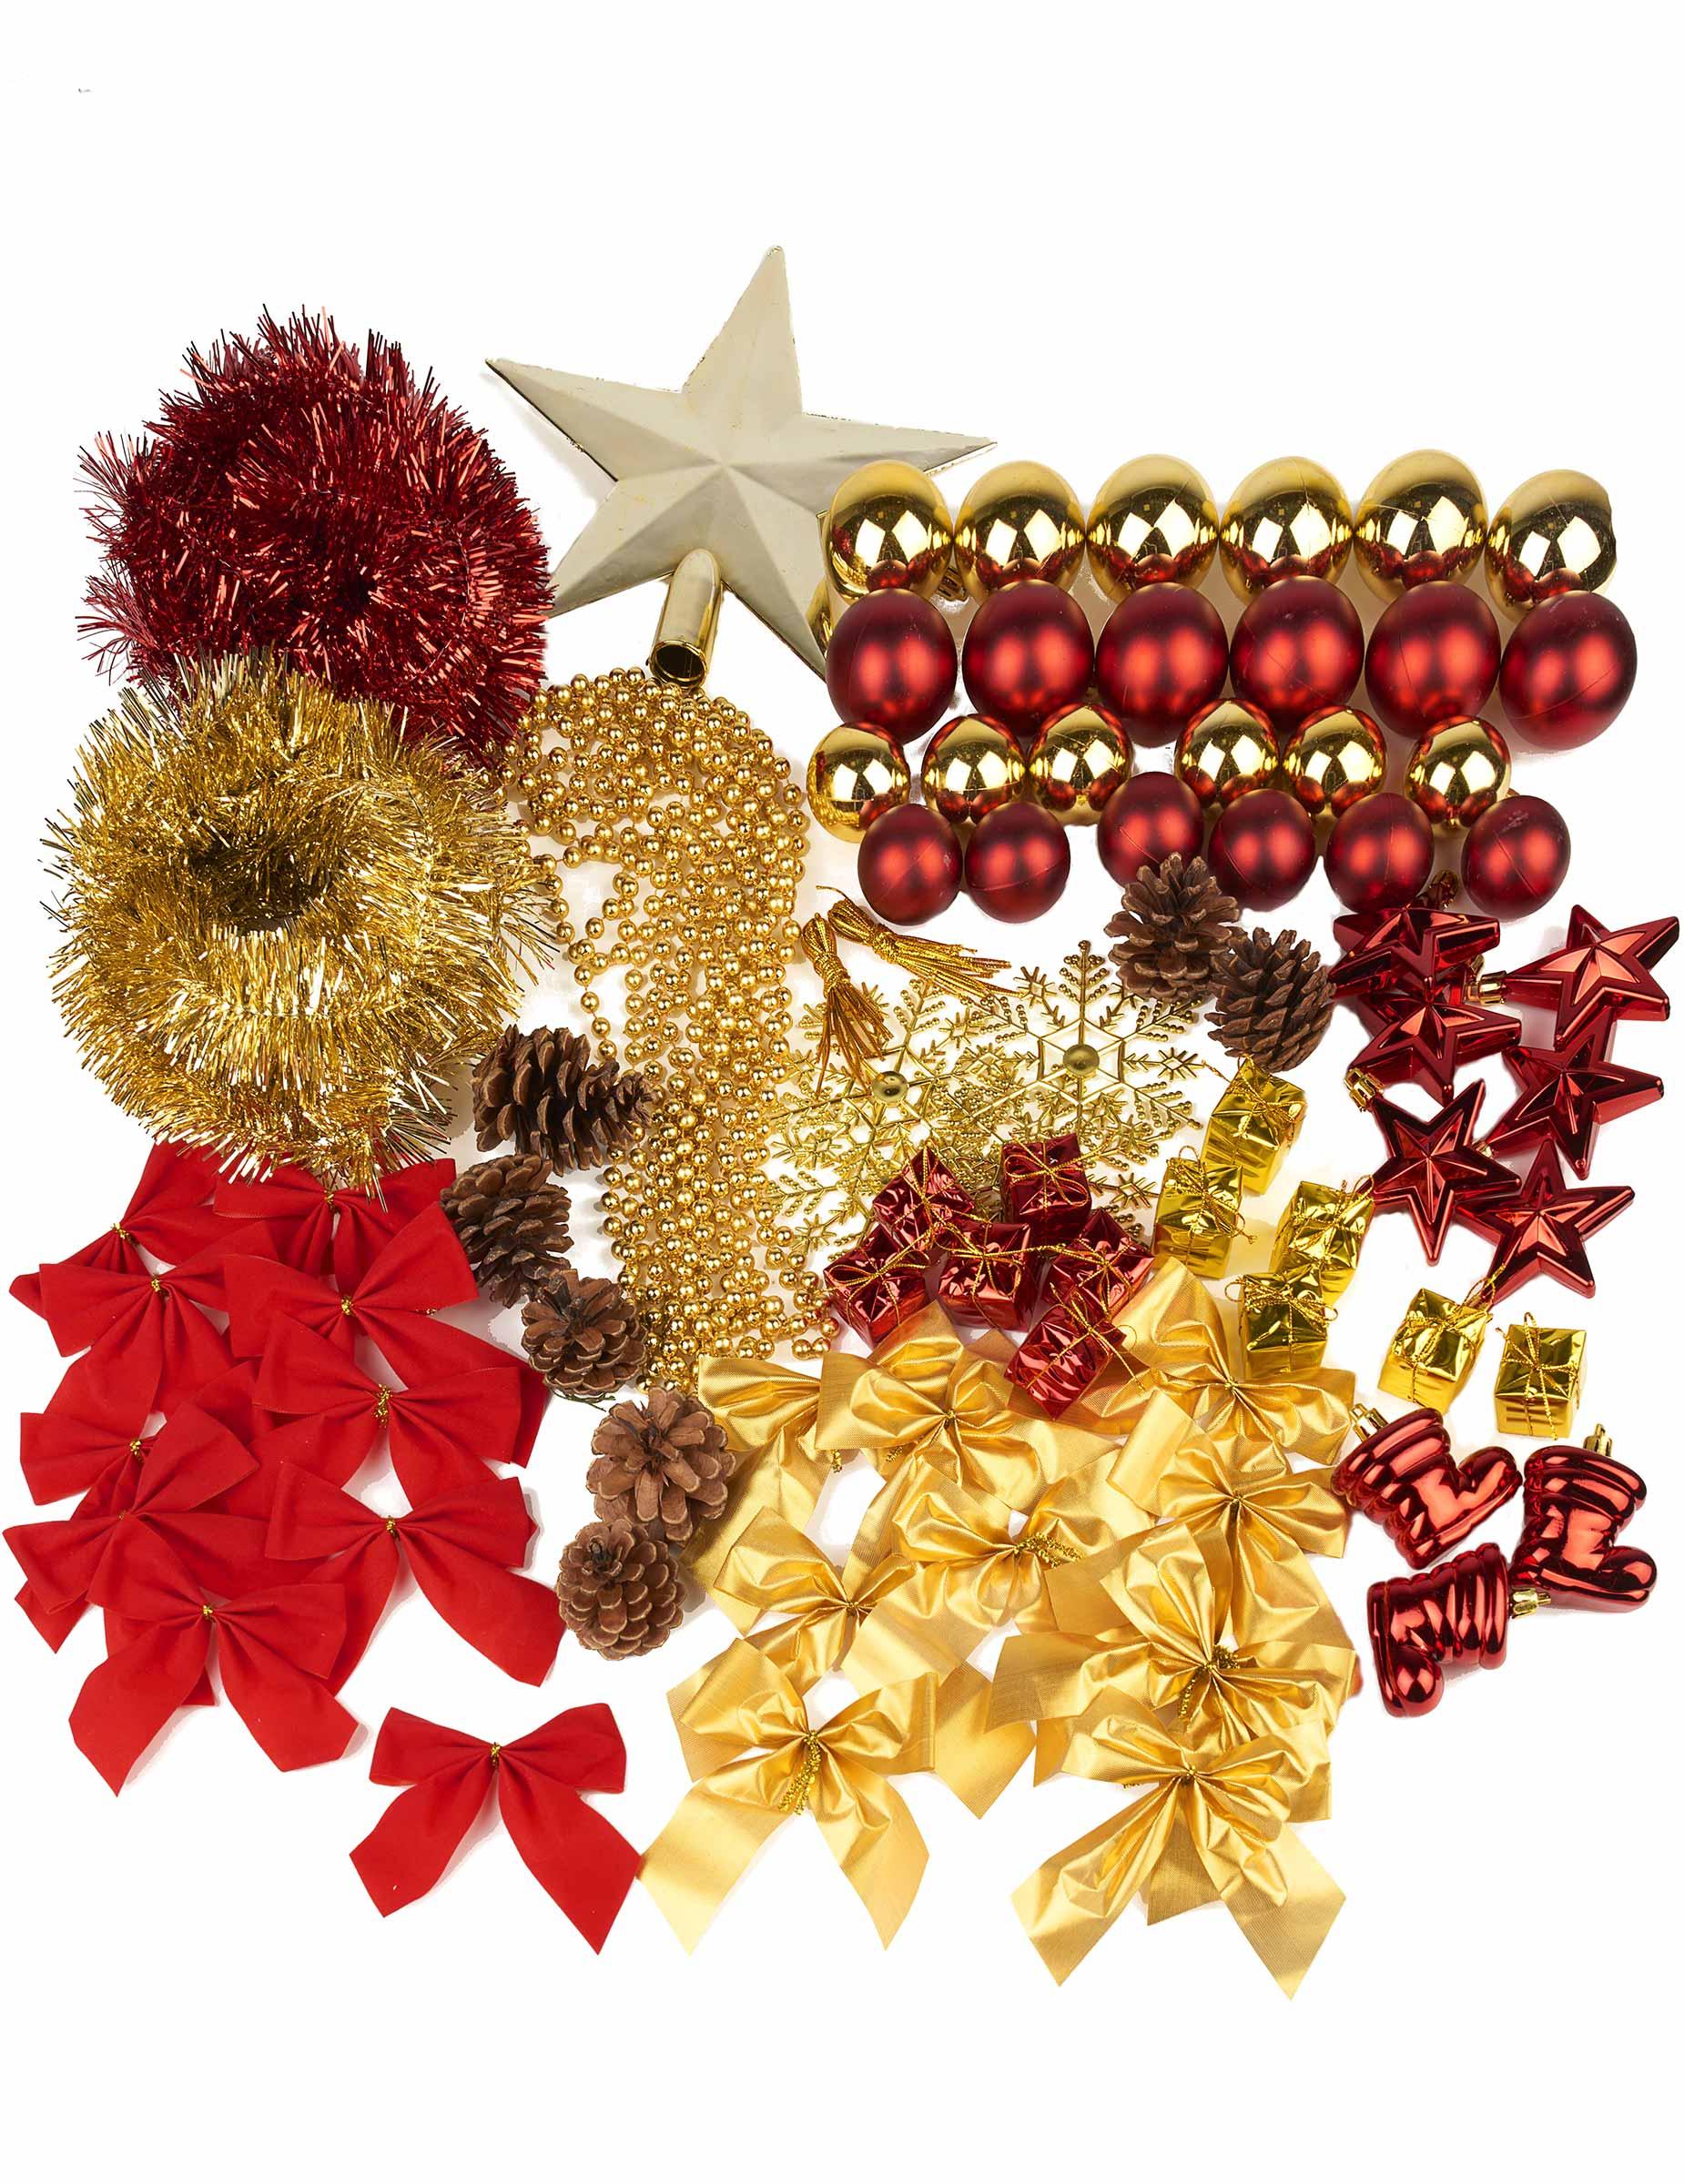 Kit de art culos decorativos para navidad for Articulos de decoracion para navidad